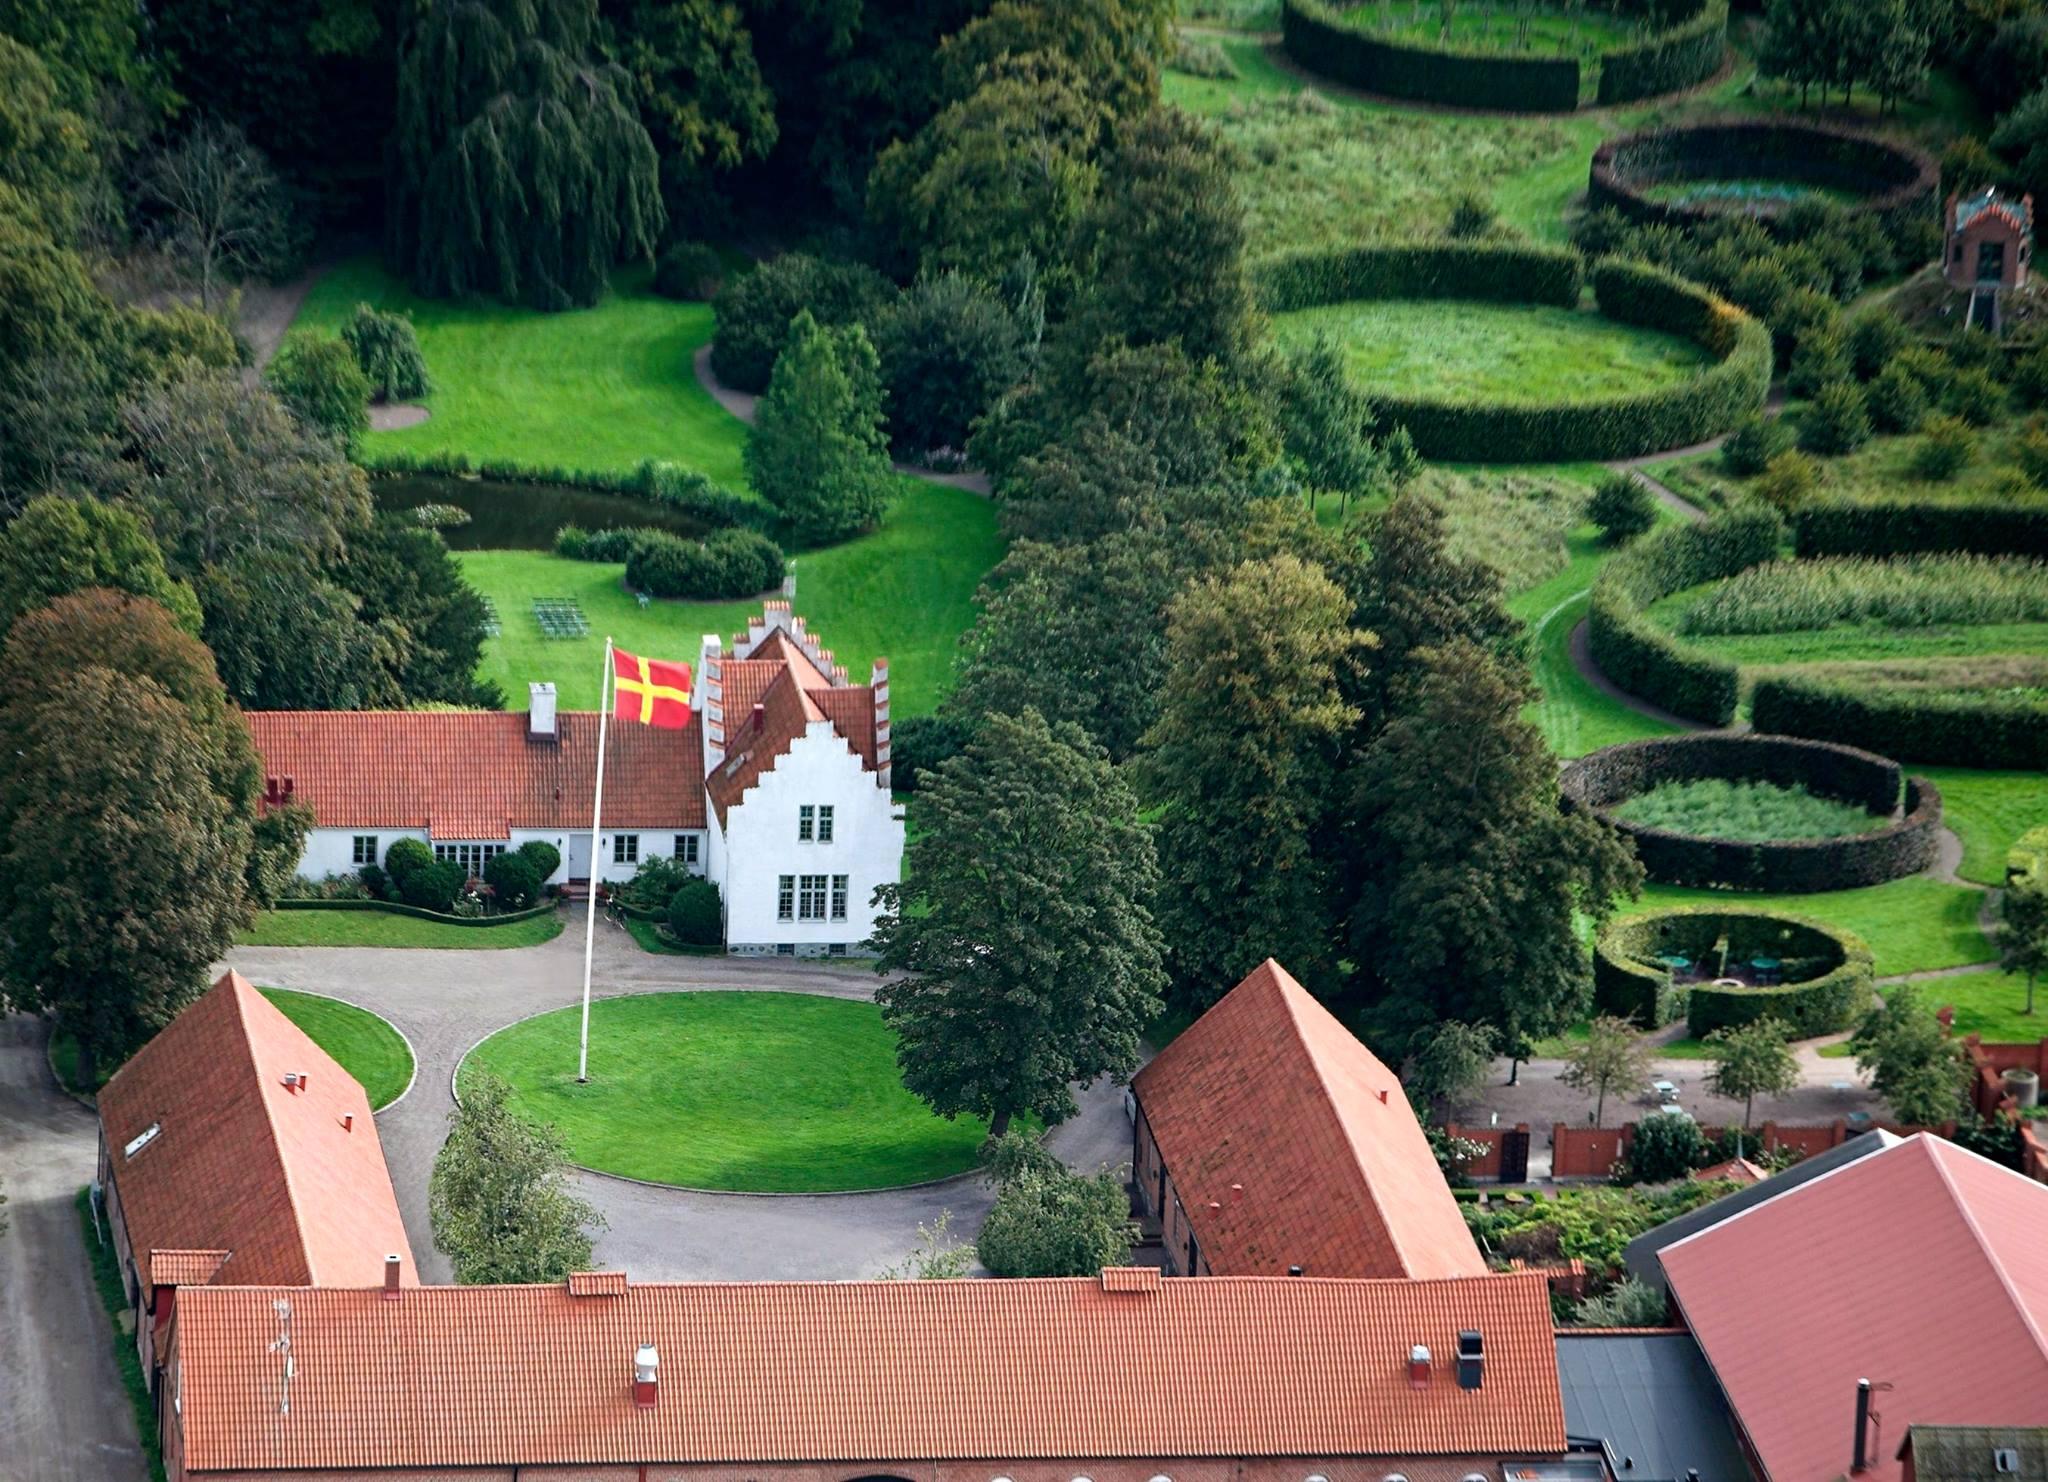 välkommen till Ängavallen webbutik. Bild av Ängavallen uppifrån.